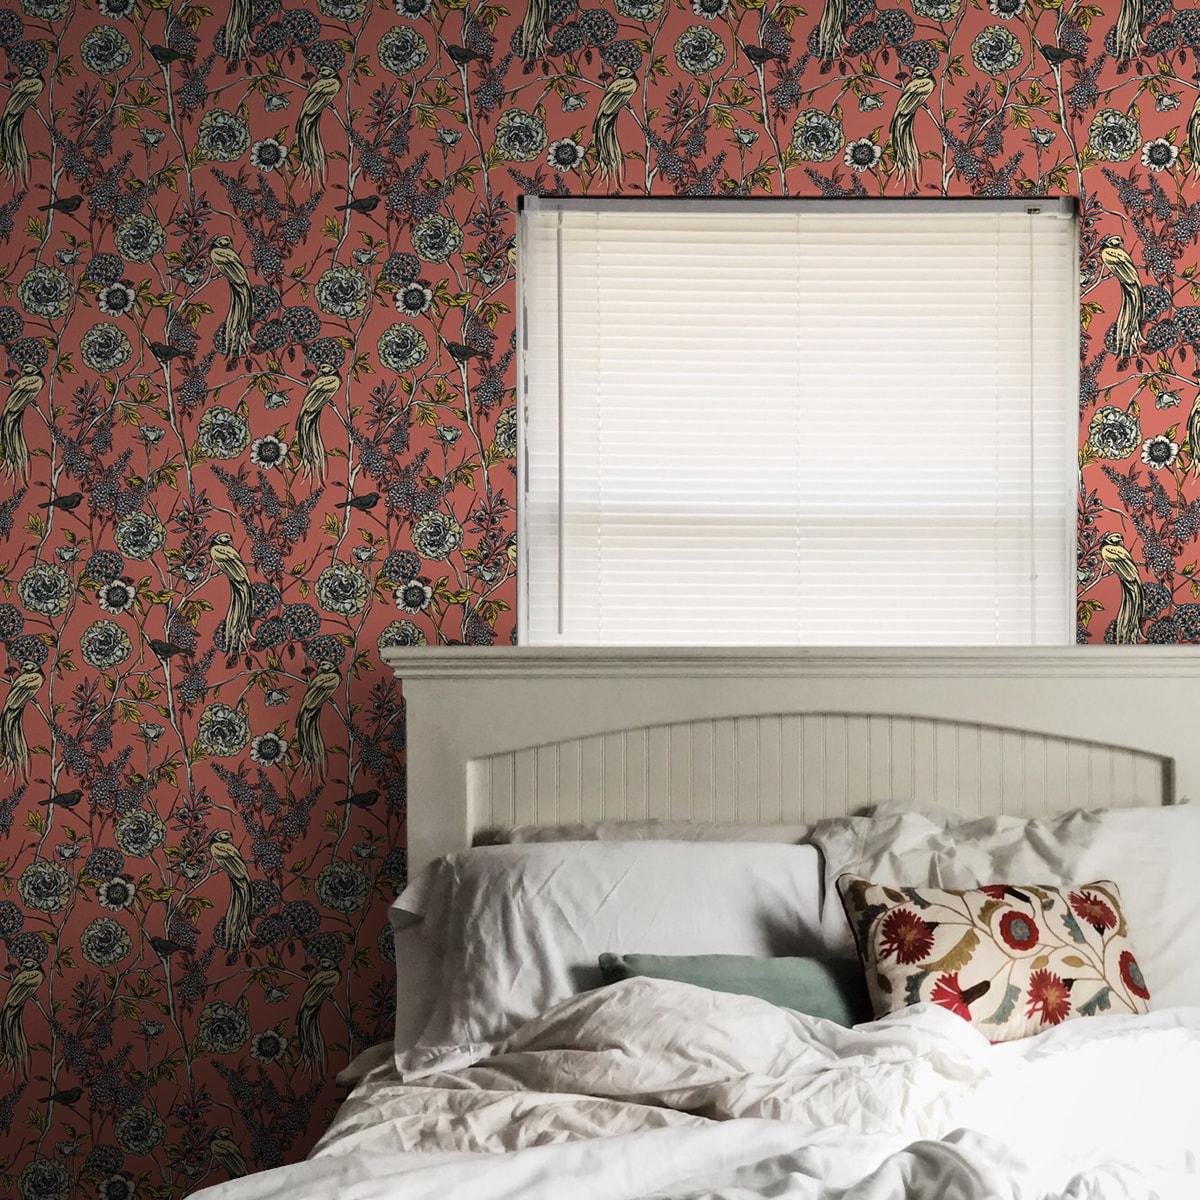 """Tapete Wohnzimmer orange: Tolle florale Tapete """"Victorias Treasure"""" mit Paradies Vögeln und Blumen in orange - großer Rapport Wohnzimmer"""